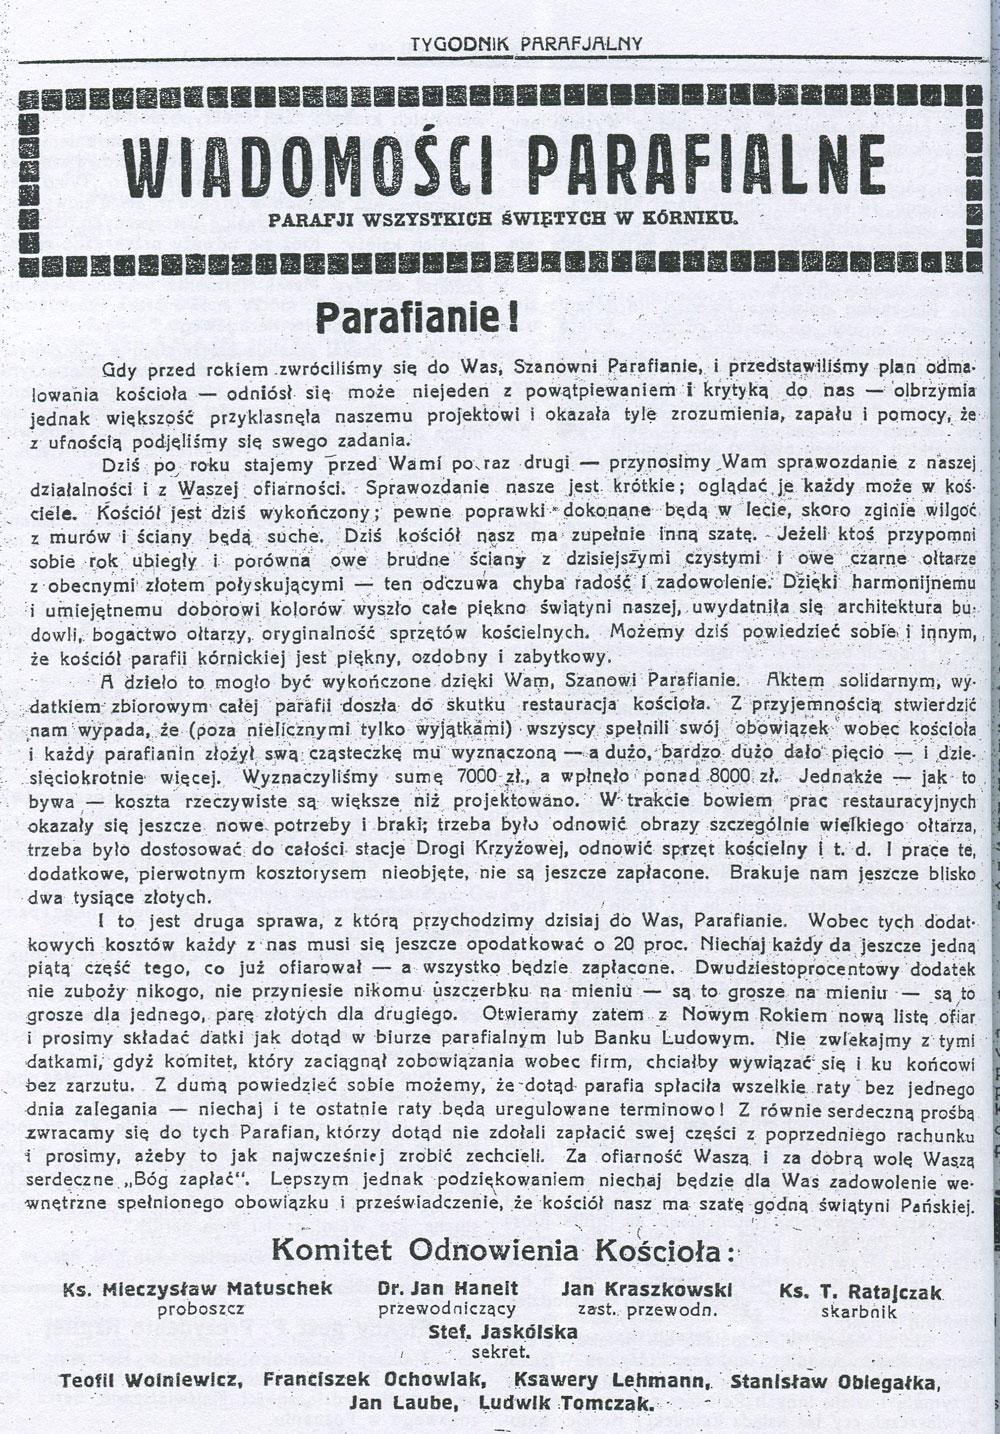 Tygodnik Parafialny Kórnik 3 stycznia 1937